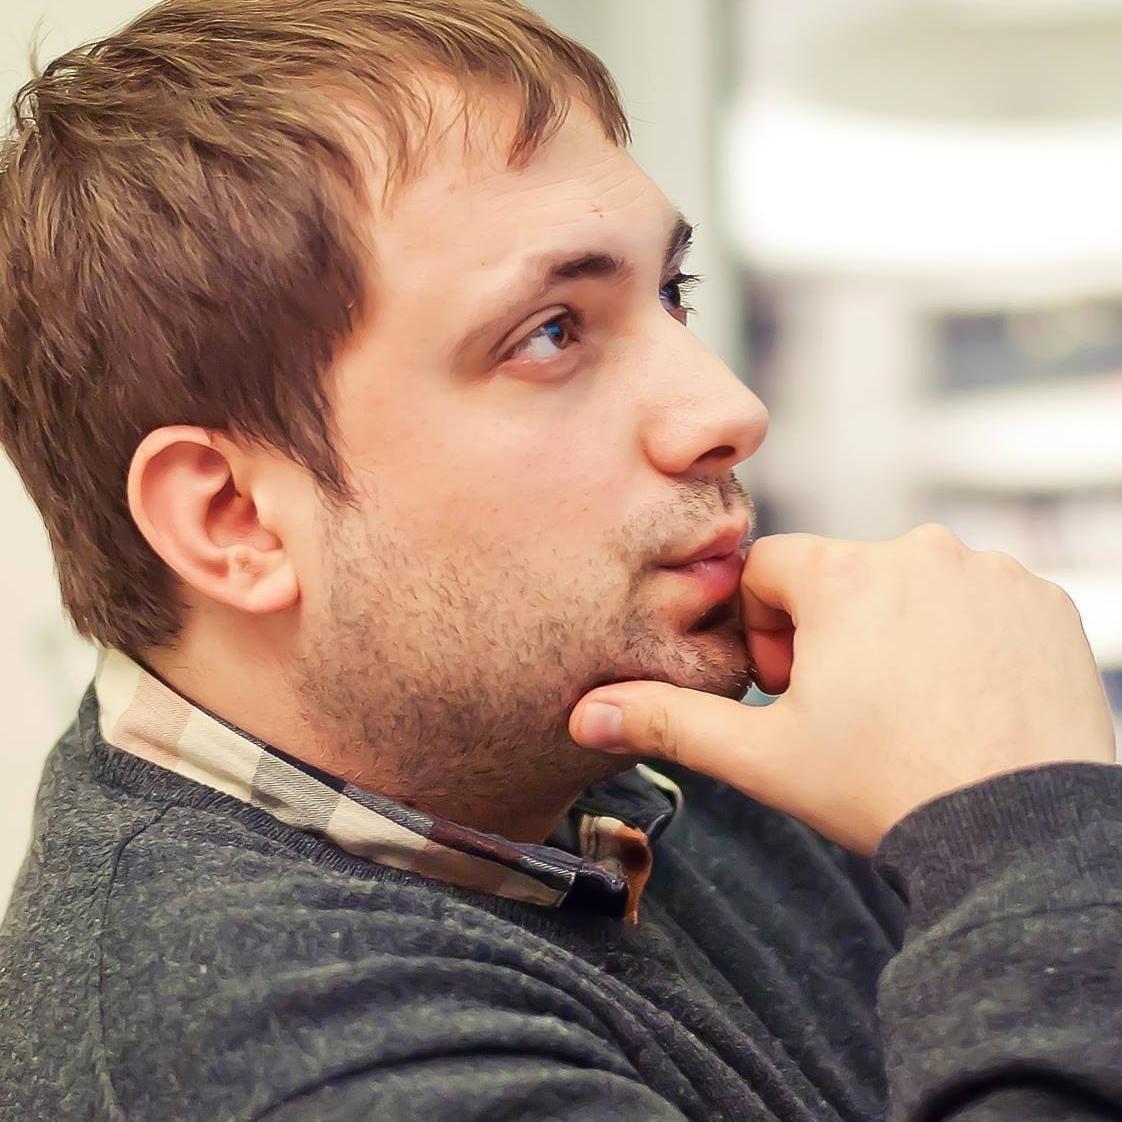 Yuriy Shevchenko